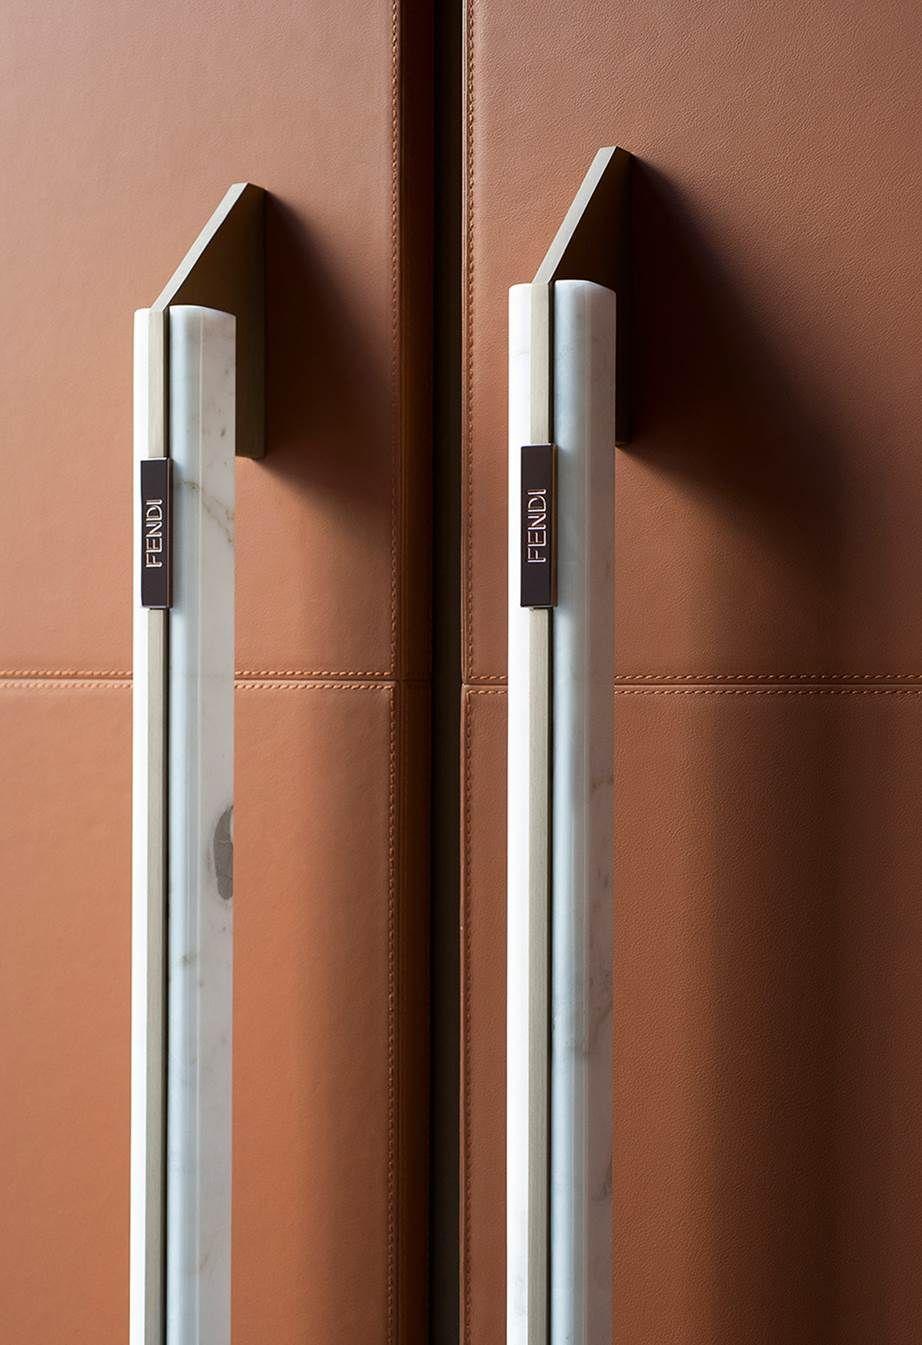 Fendi Designs Kitchens Now And You Re Going To Want Everything Door Handle Design Door Handles Kitchen Door Handles